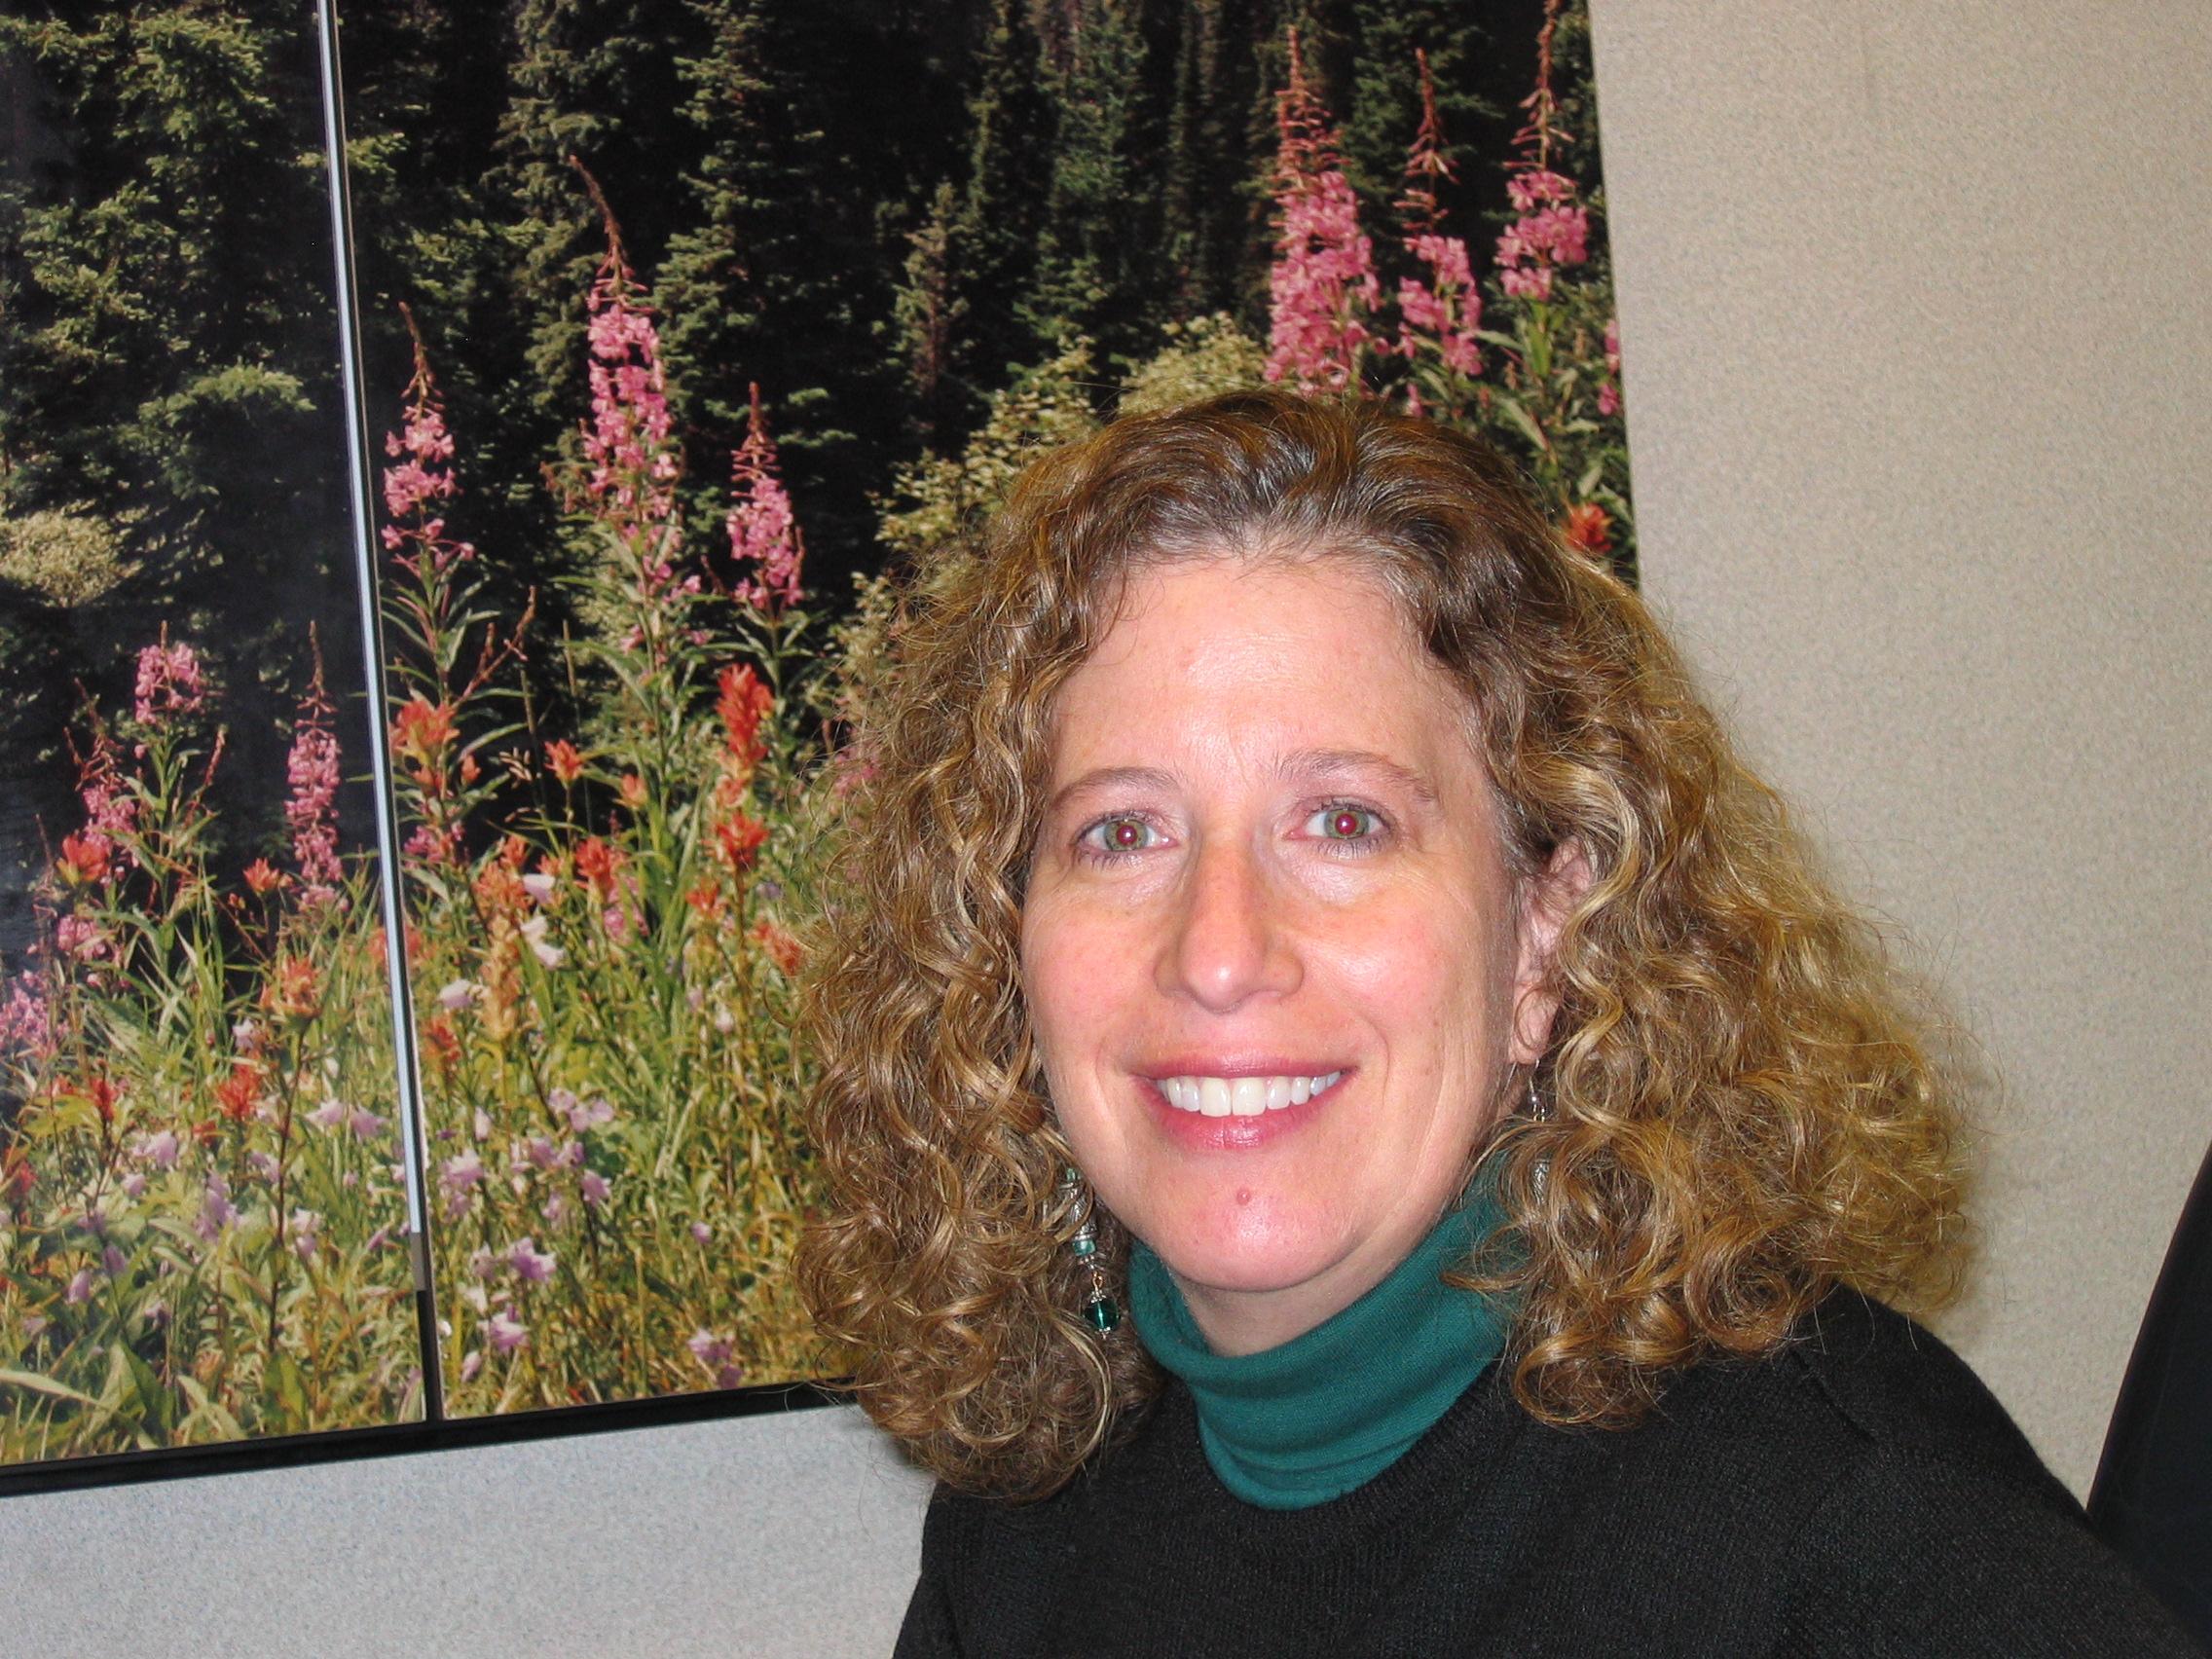 Ann Sussman, Divorce attorney and mediator